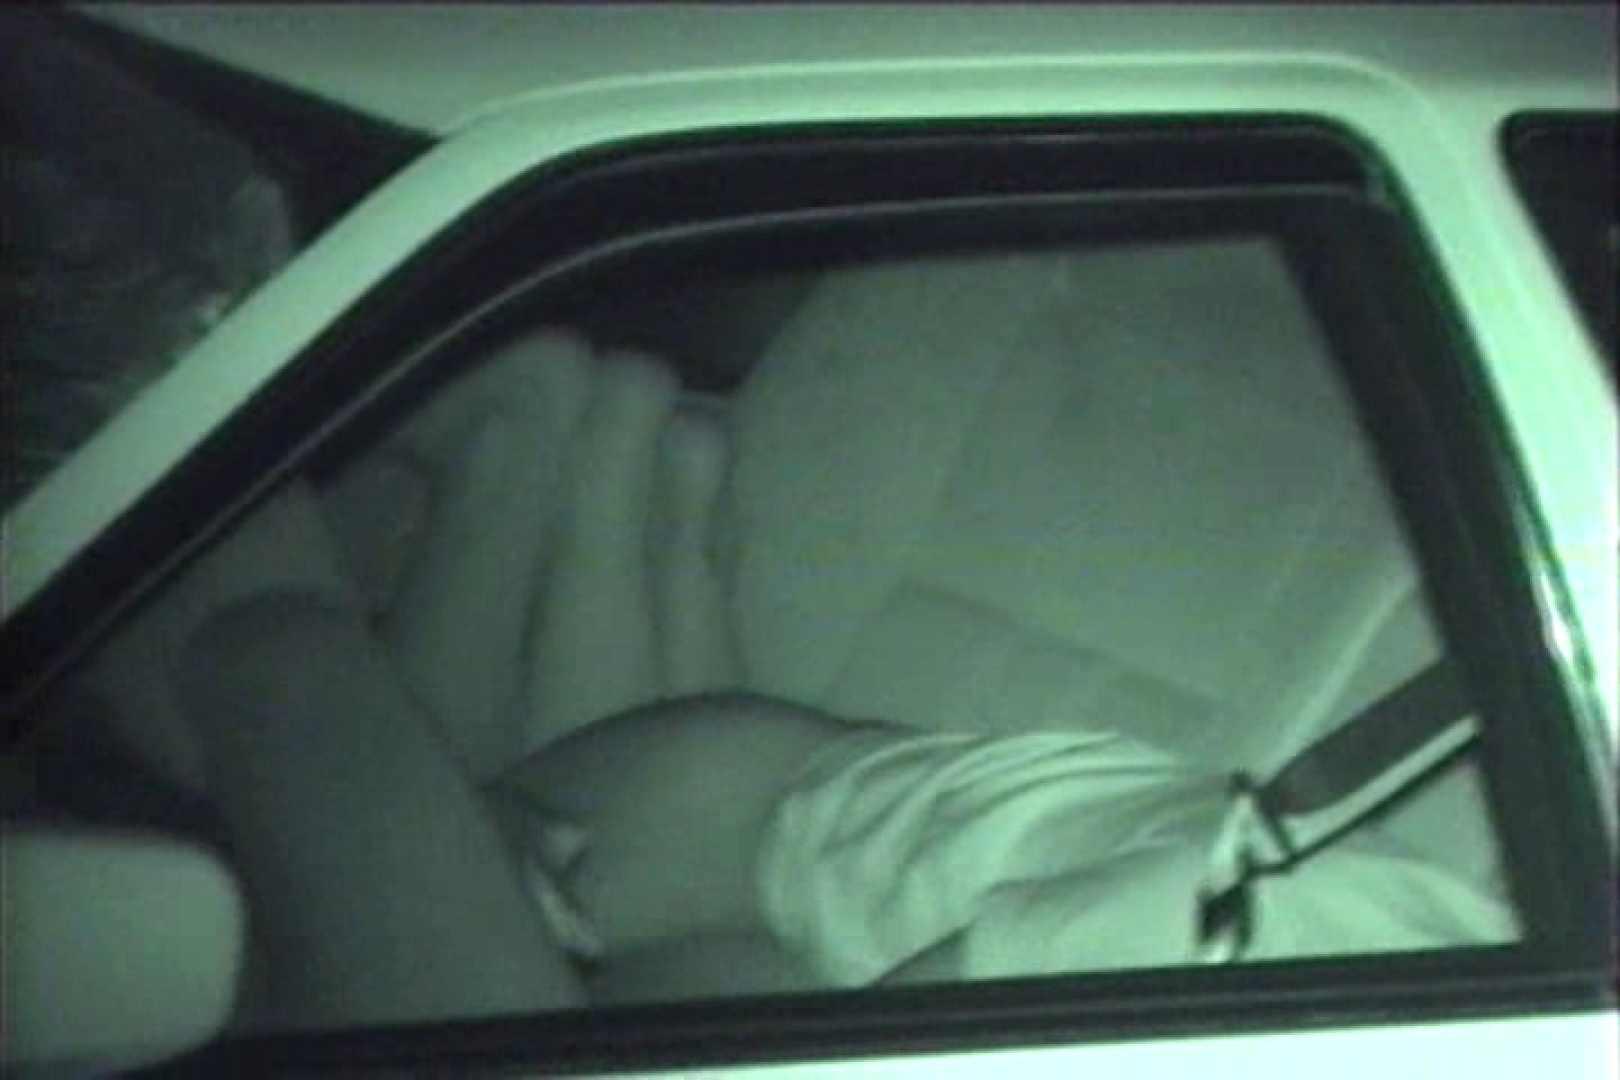 車の中はラブホテル 無修正版  Vol.17 エロティックなOL オメコ無修正動画無料 97画像 65